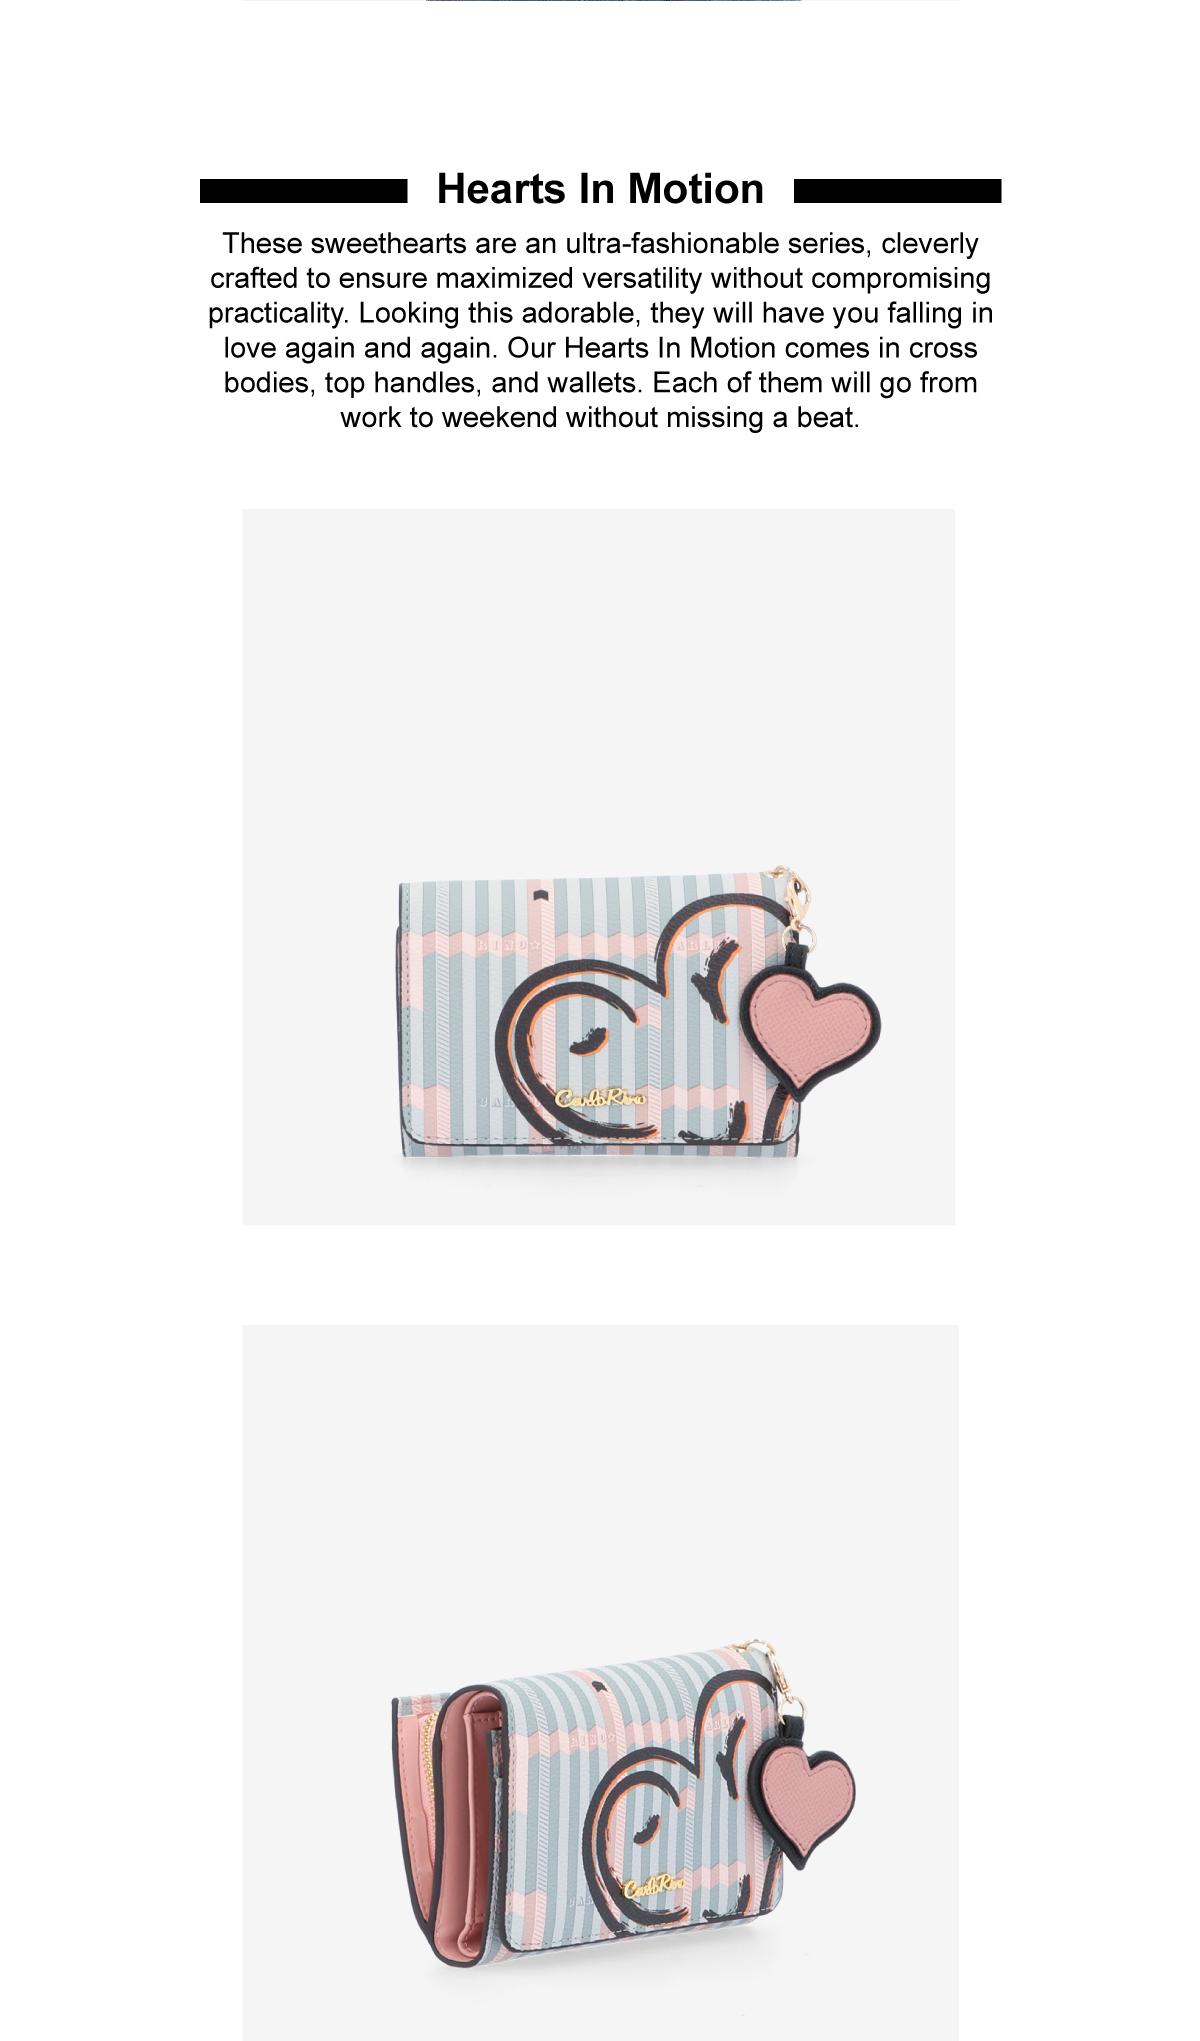 0305043J 503 2 - Hearts In Motion 3-fold Wallet